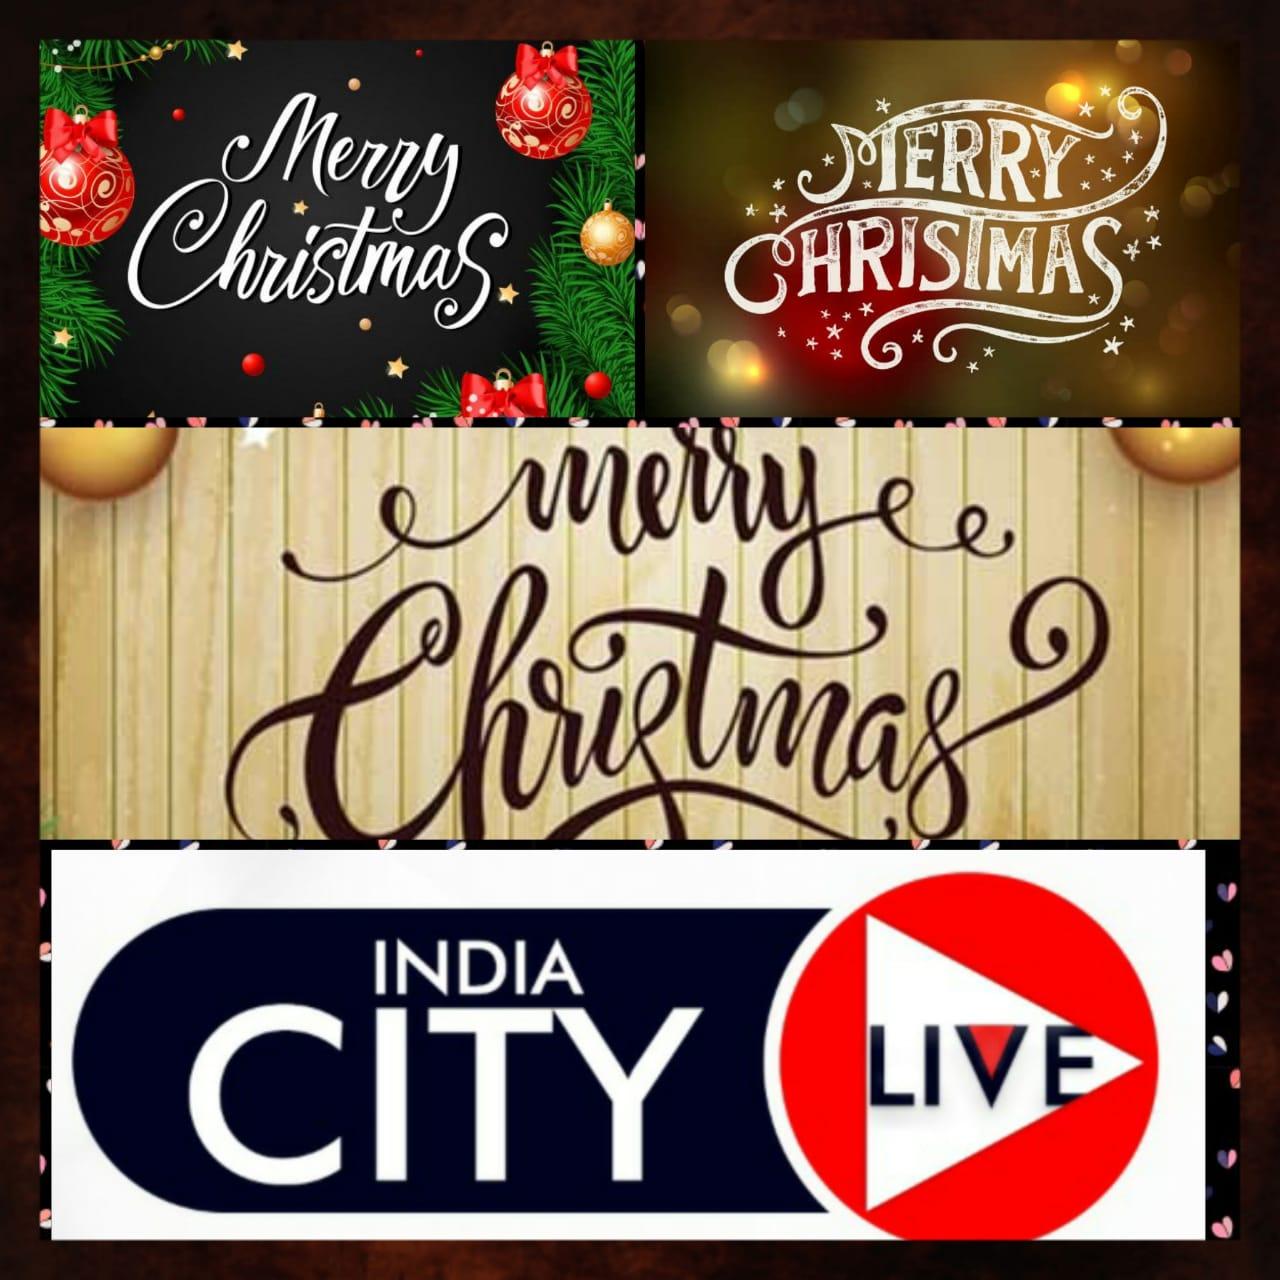 इंडिया सिटी लाइभ के सभी रीडर्स और सब्सक्राइबर्स को क्रिसमस की ढेर सारी शुभकामनाएं